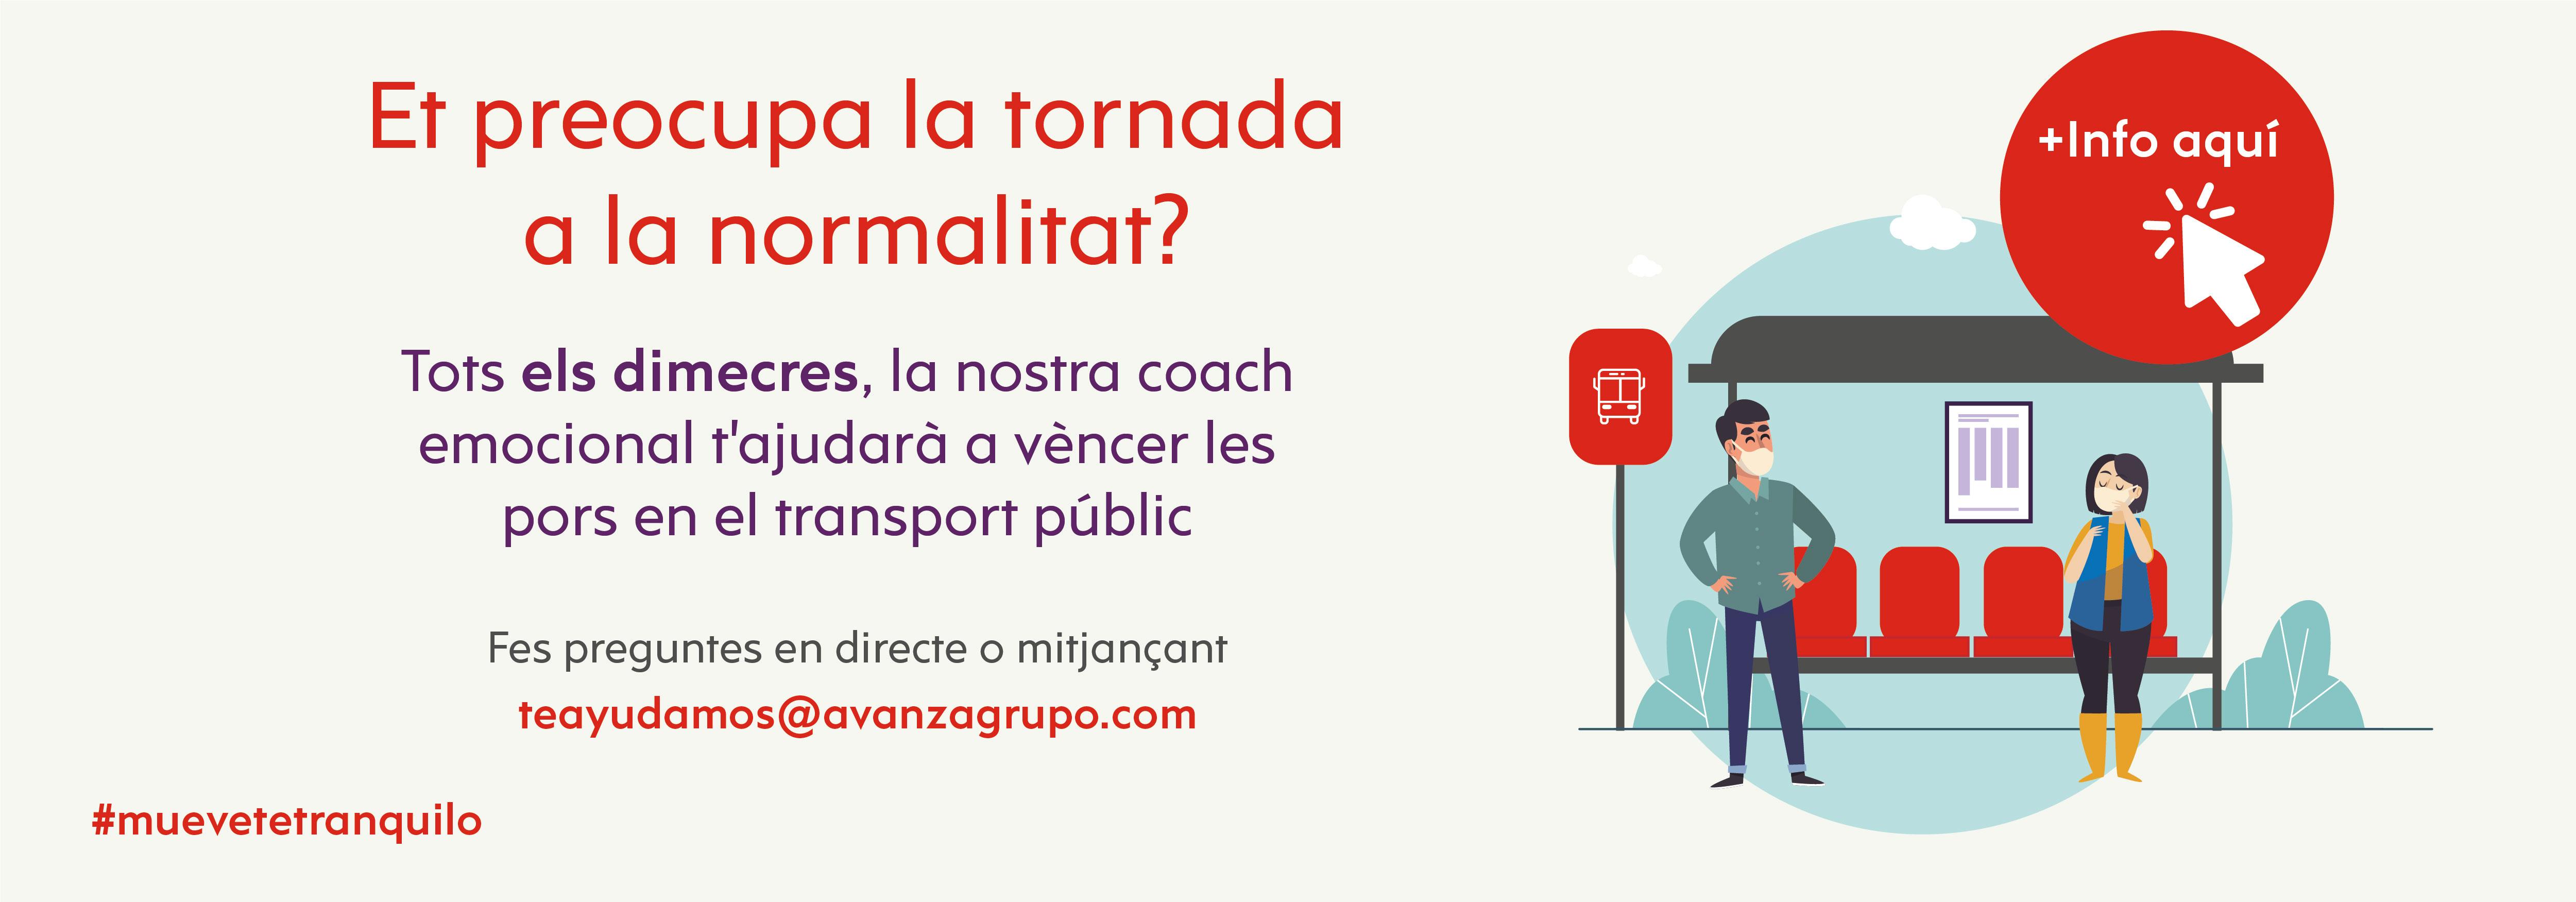 Et preocupa tornar a la normalitat? Cada dimecres, la nostra coach emocional t'ajudarà a vèncer les pors en el transport públic. Fes preguntes en directe o mitjançant teayudamos@avanzagrupo.com